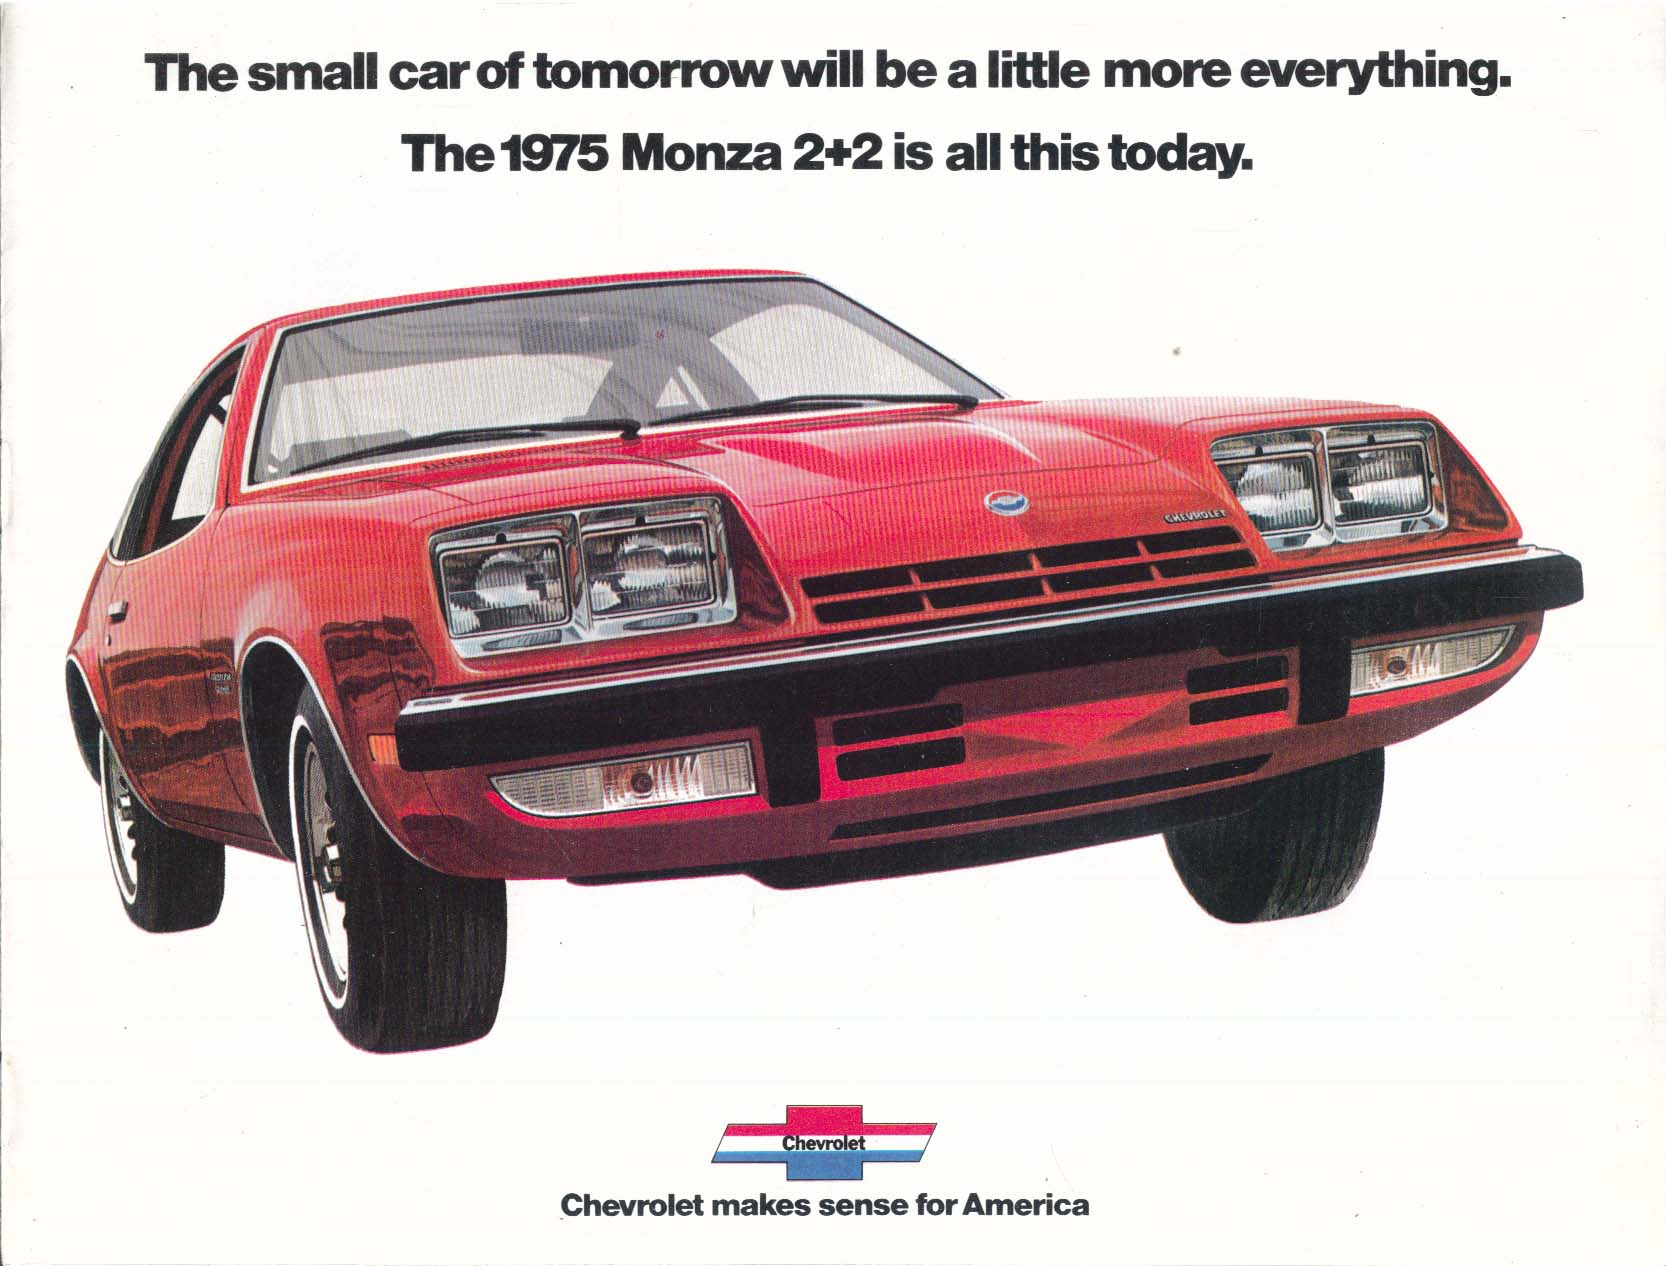 1975 Chevrolet Monza 2+2 sales brochure